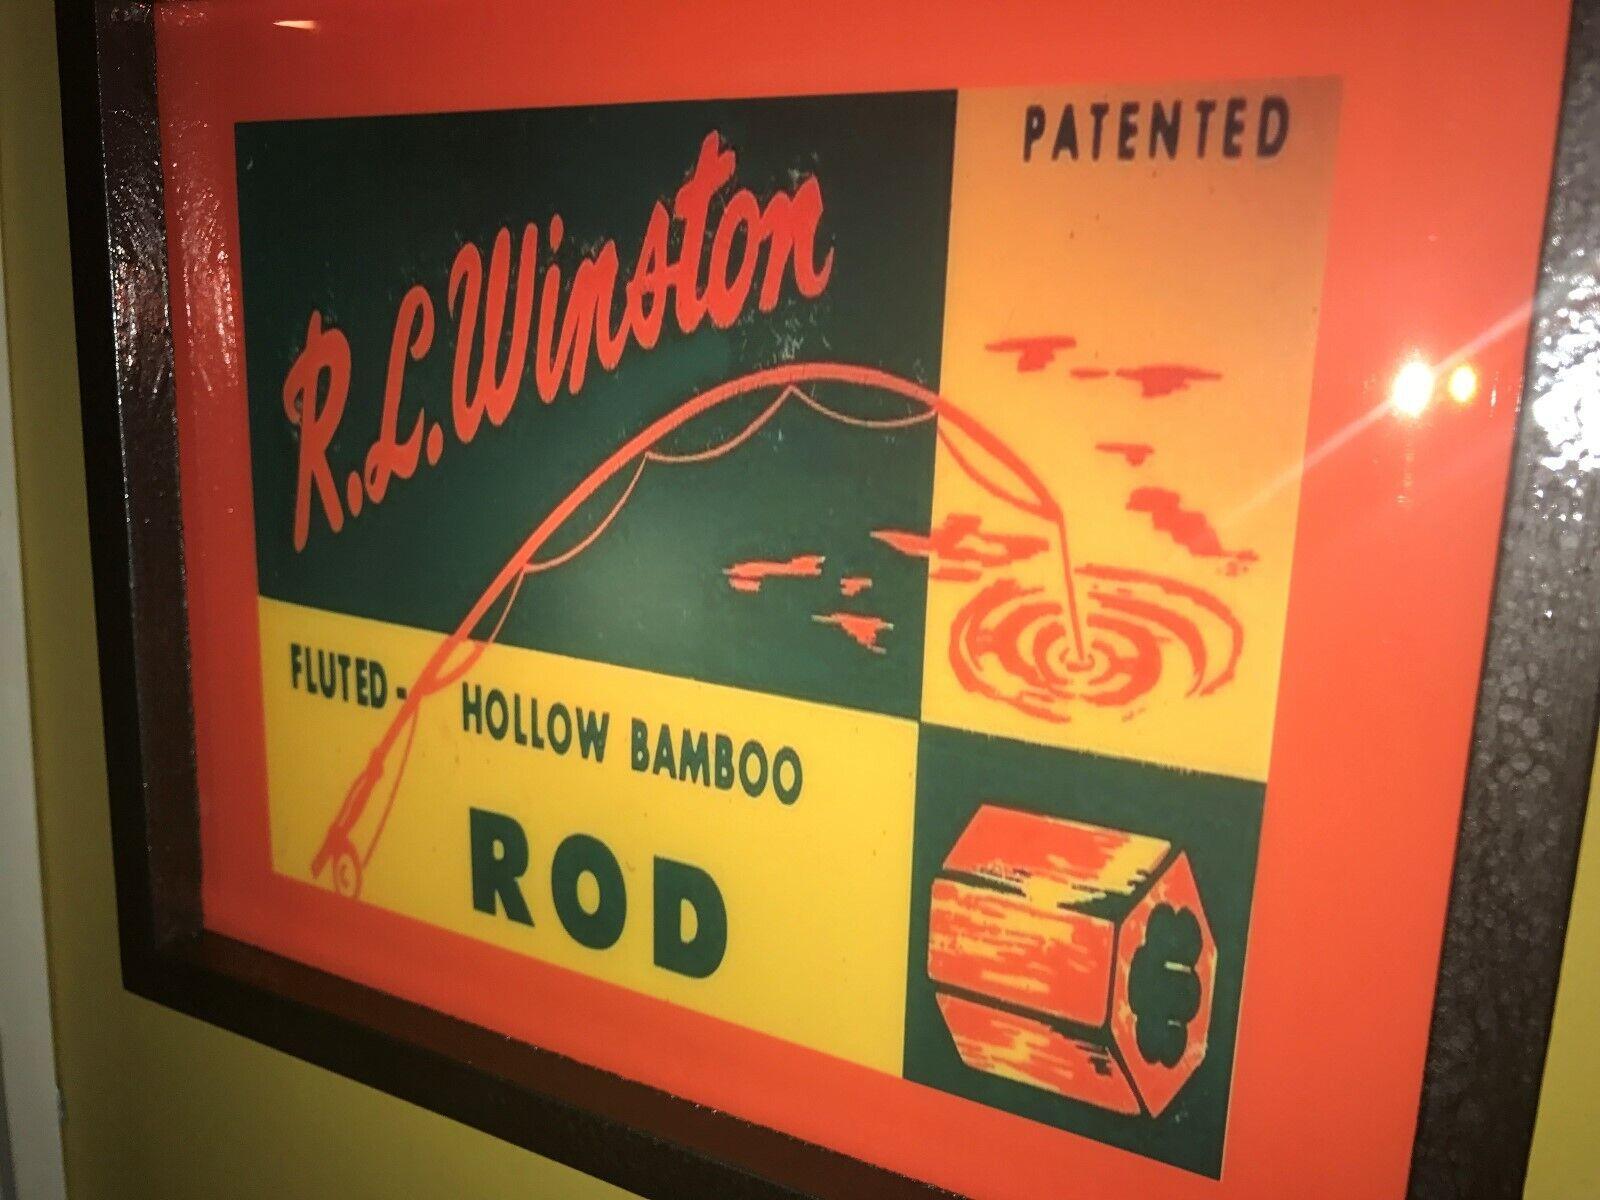 R.L. Winston Caña Reel De Pesca Con Mosca Creel Bait  Shop MAN CAVE Iluminada Signo  precios razonables